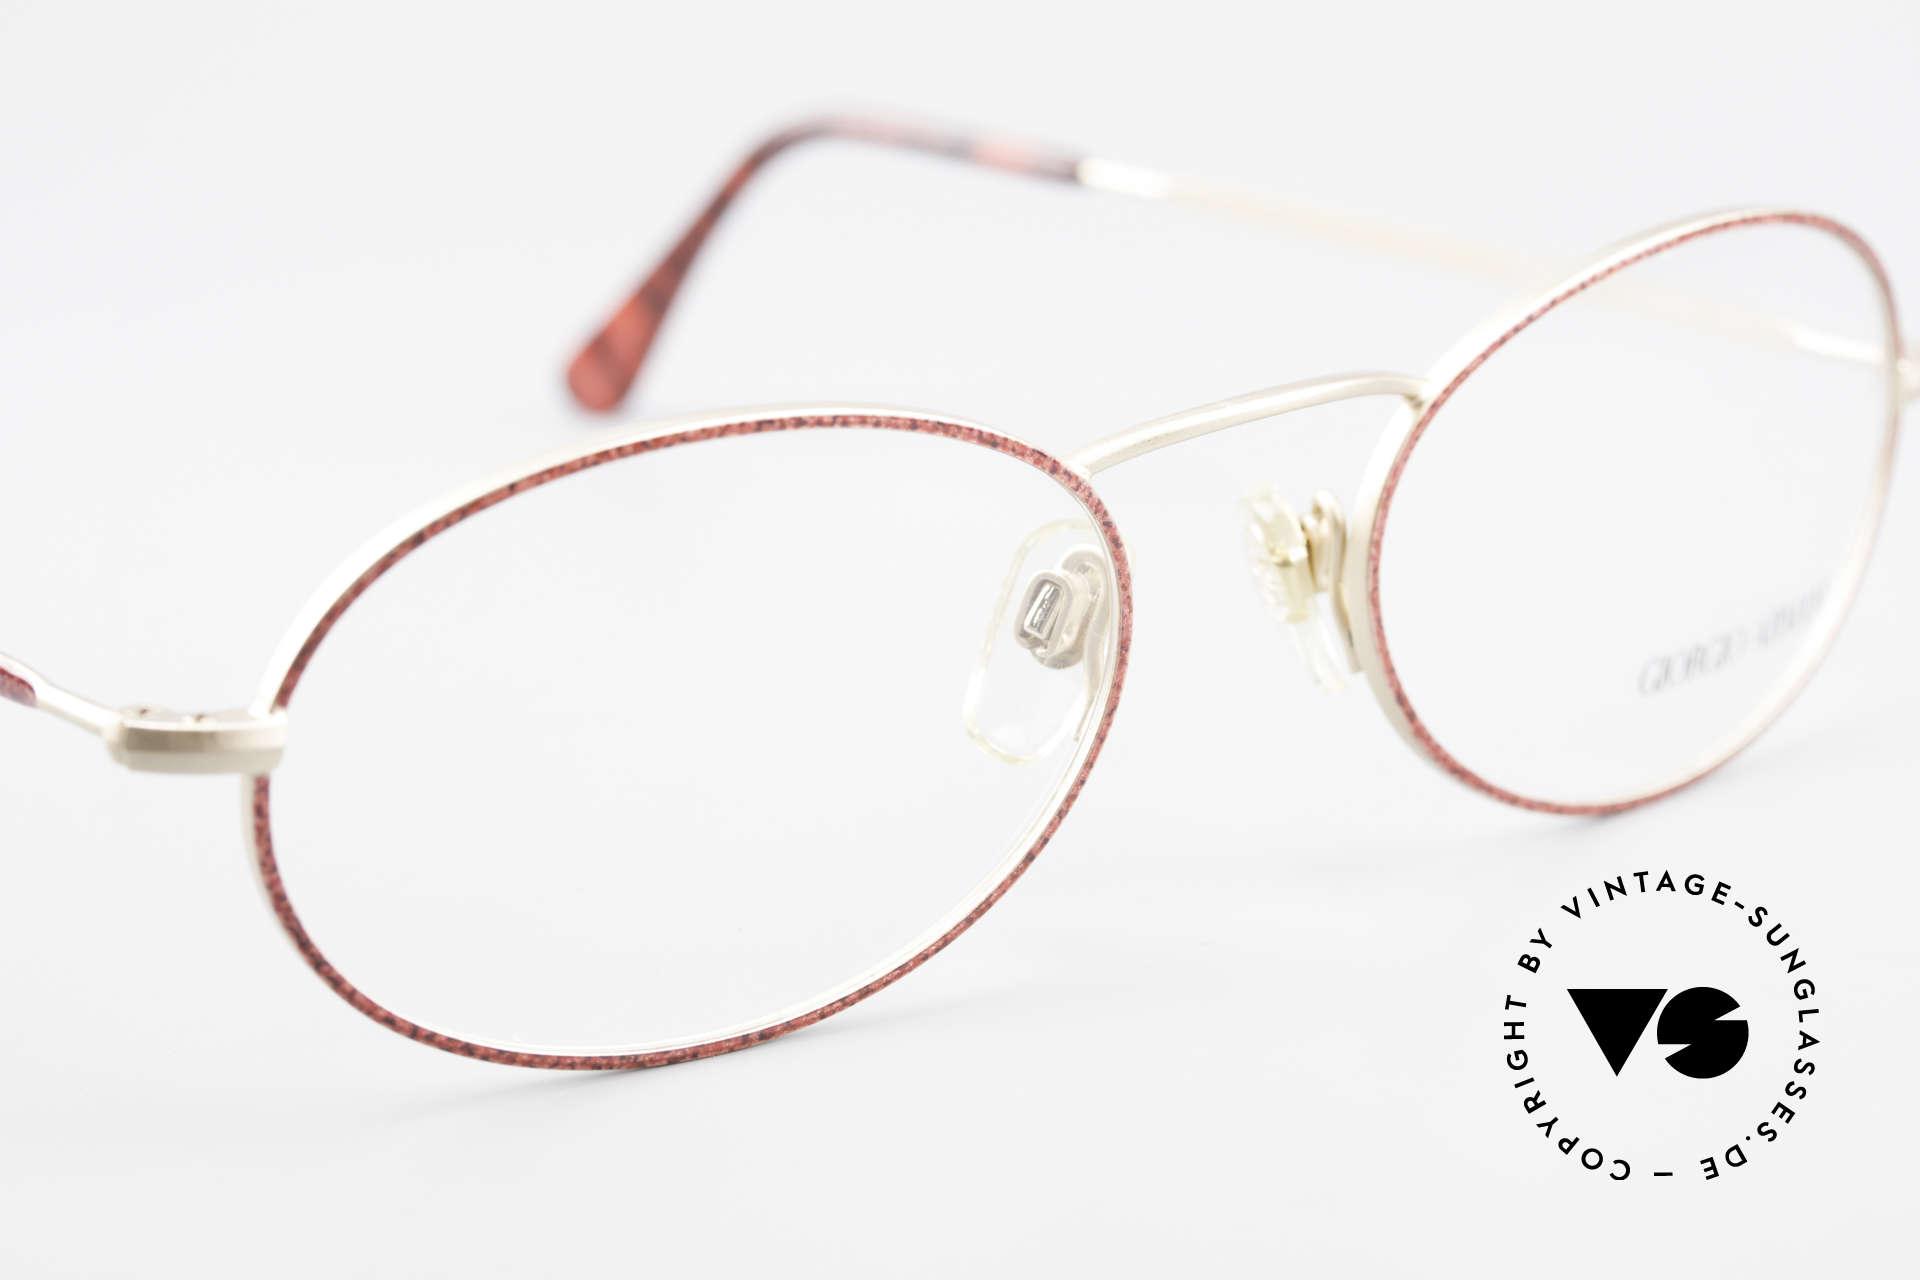 Giorgio Armani 125 Ovale 80er Vintage Fassung, Fassung ist beliebig verglasbar (optisch oder Sonne), Passend für Damen